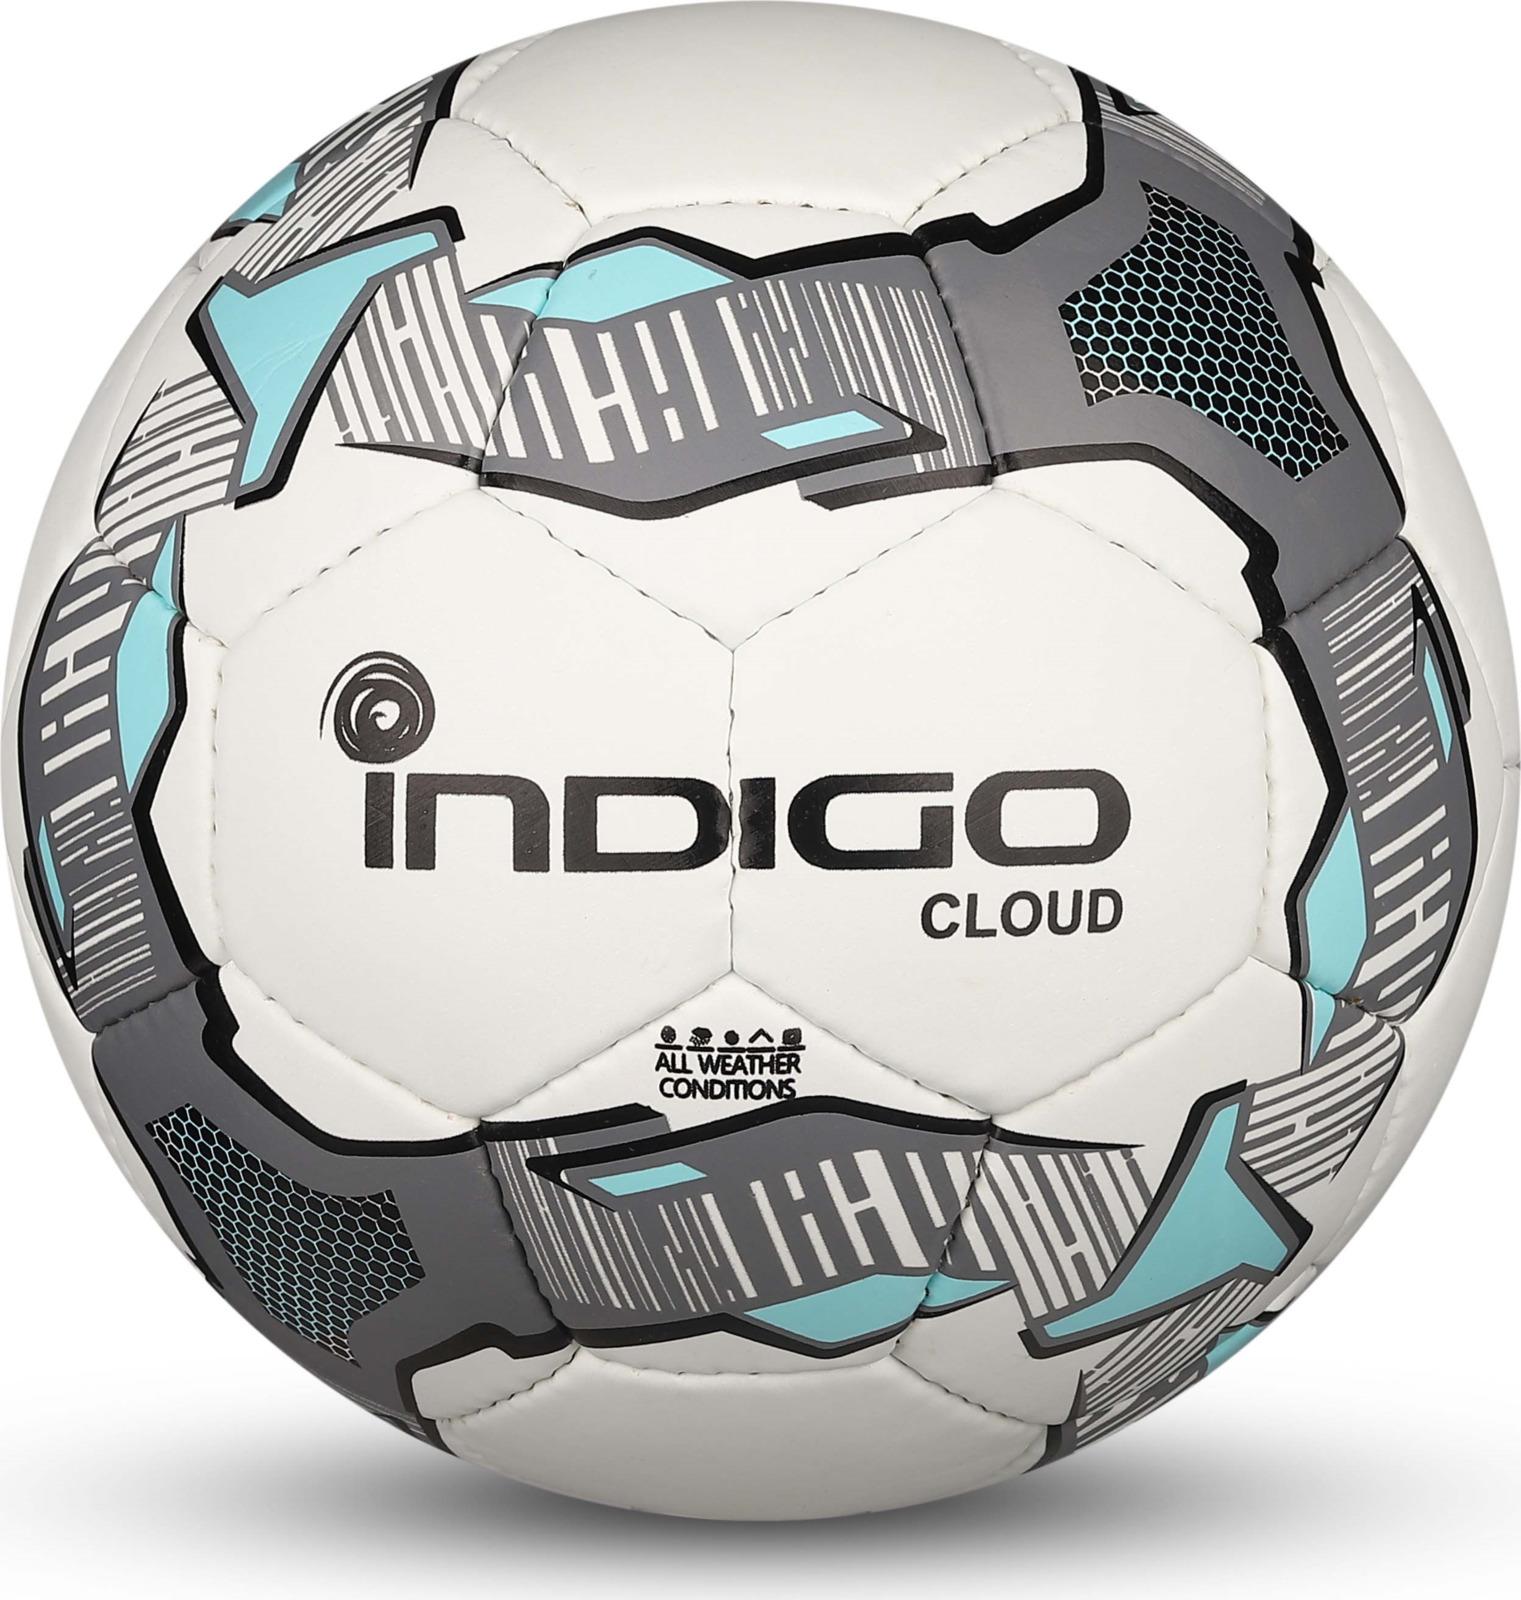 Мяч футбольный Indigo Cloud, IN034, белый, голубой, серый, размер 4 мяч футбольный indigo rain in031 белый синий желтый размер 3